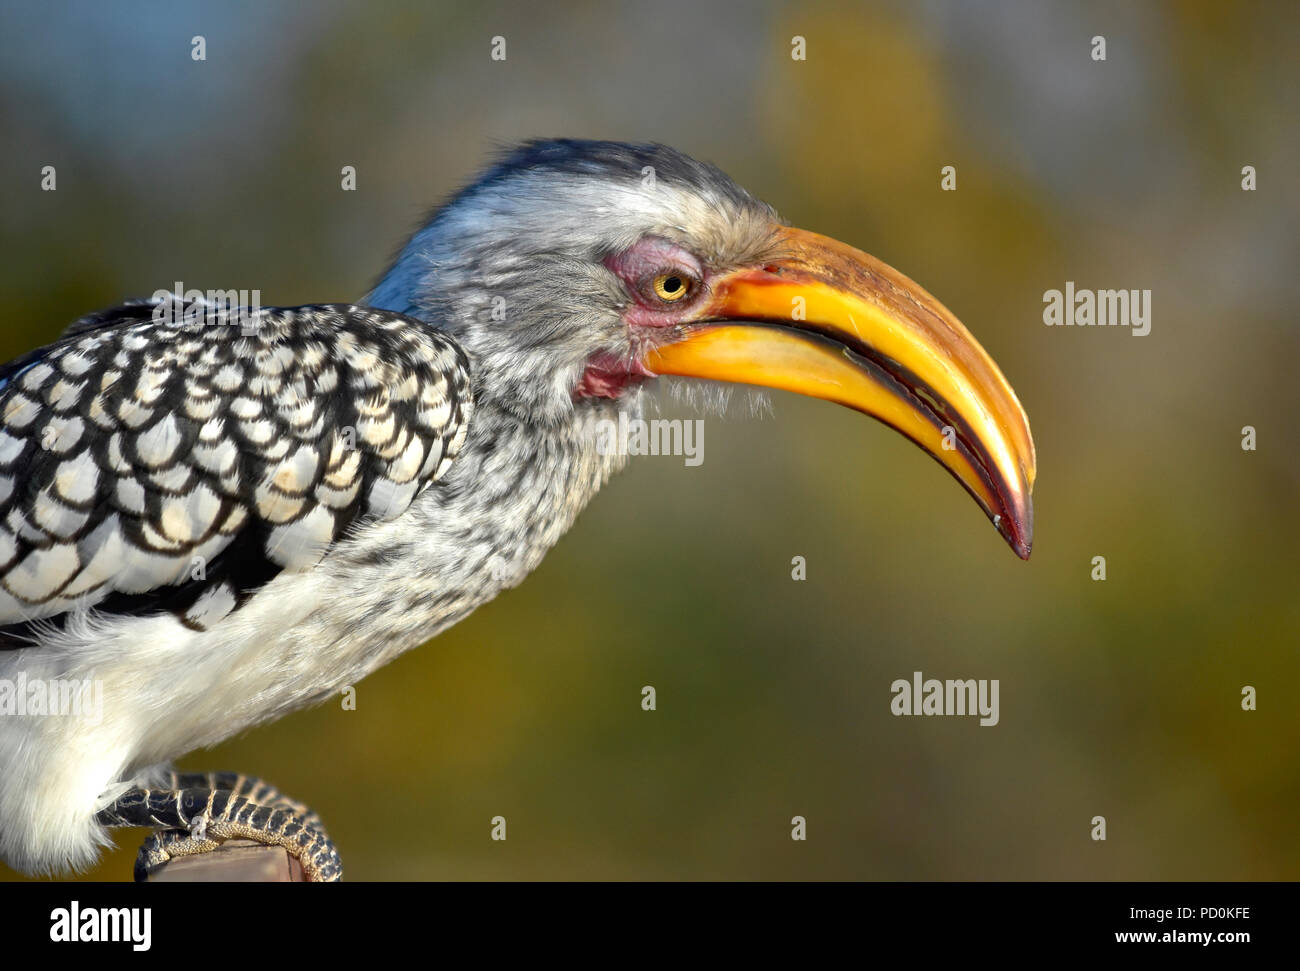 Südafrika, ein fantastisches Reiseziel Dritter und Erster Welt gemeinsam zu erleben. Yellow billed Hornbill nach Nahrung suchen. Close-up. Stockbild